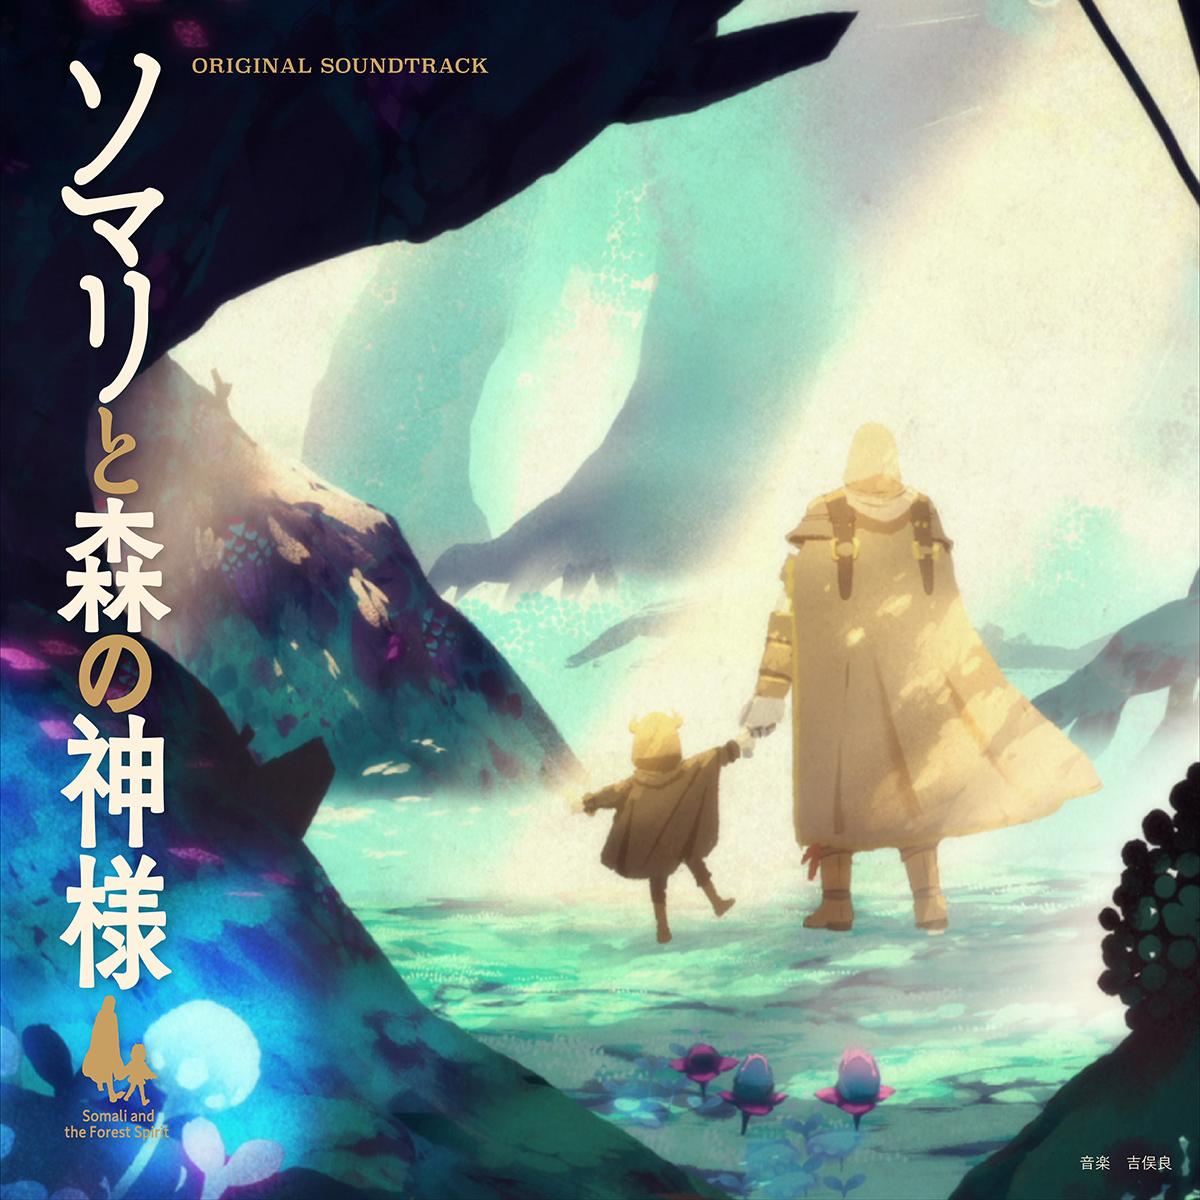 アニメ『ソマリと森の神様』のオリジナル・サウンドトラックジャケット (C)暮石ヤコ/NSP/ソマリと森の神様プロジェクト, mixer